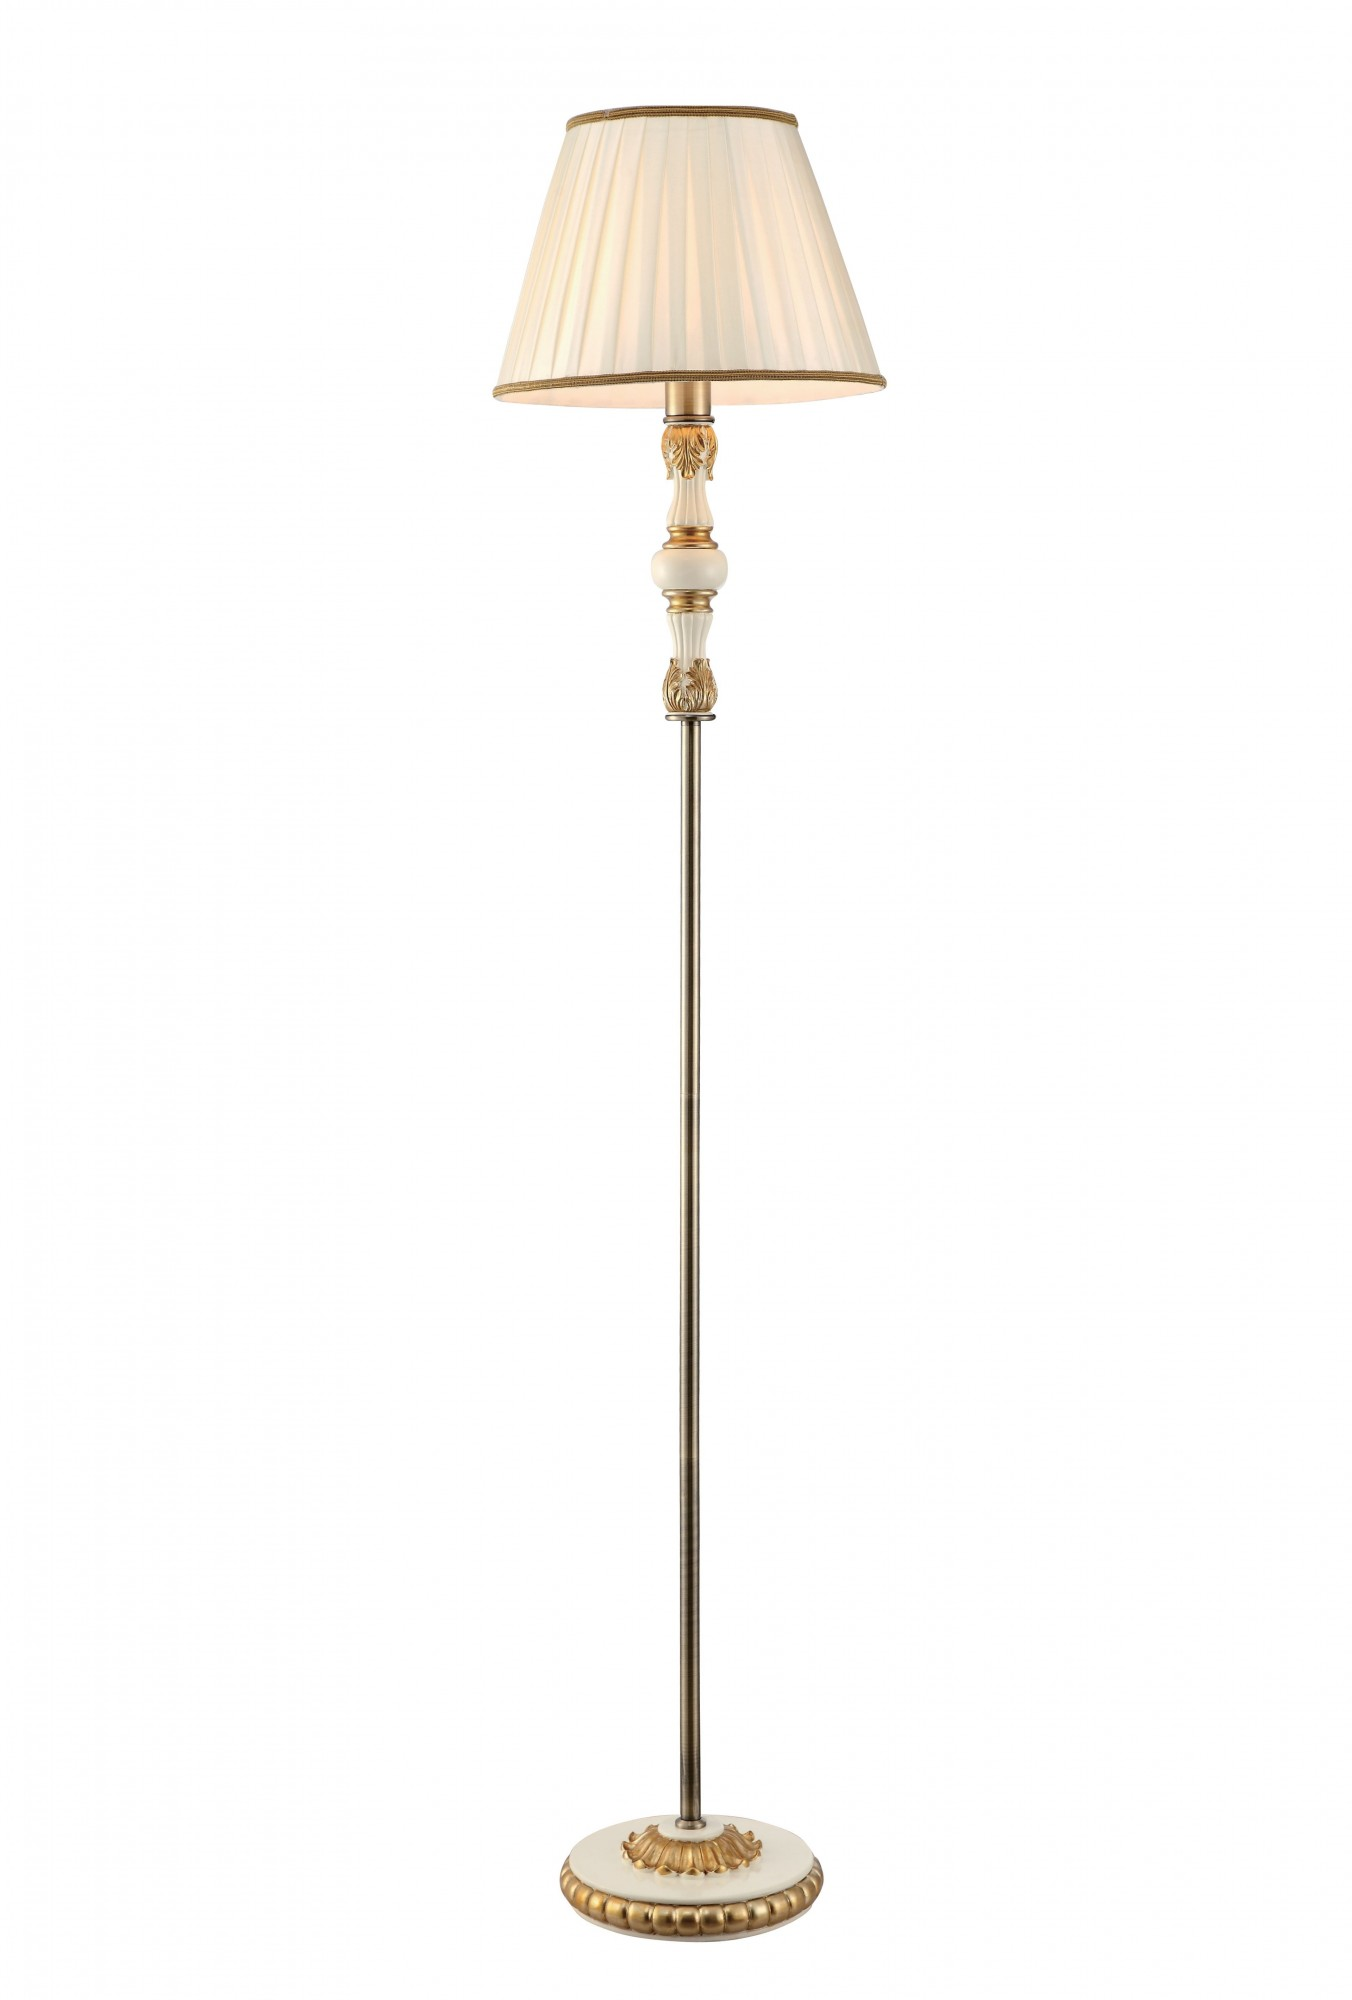 Фото товара A9570PN-1WG Arte Lamp